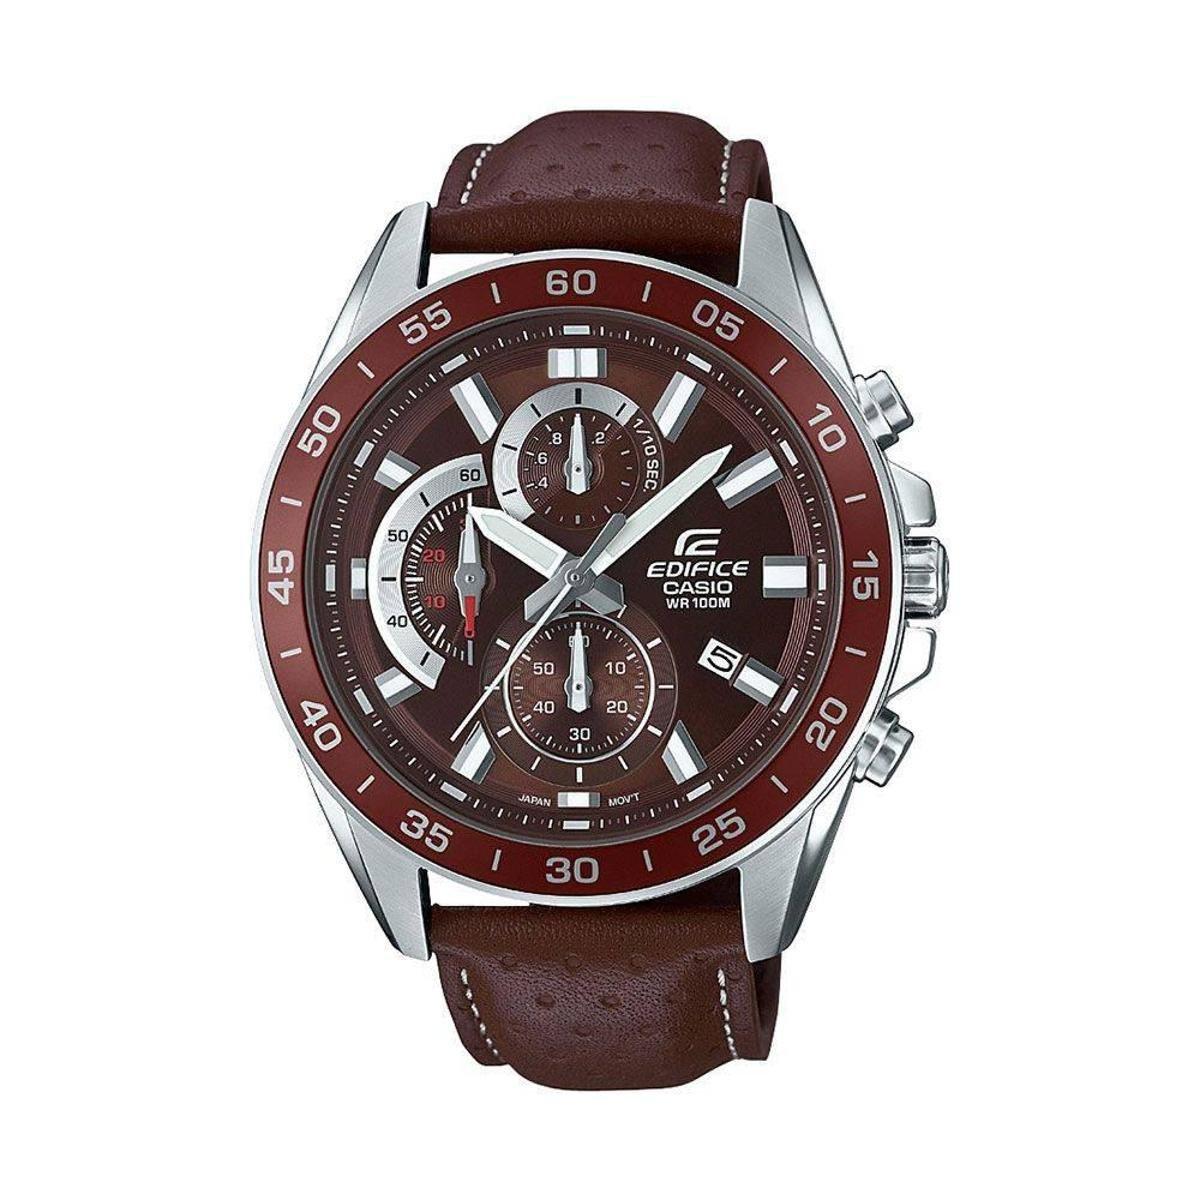 610bd8e362c Relógio Casio Efv-550l-5avudf Masculino - Compre Agora